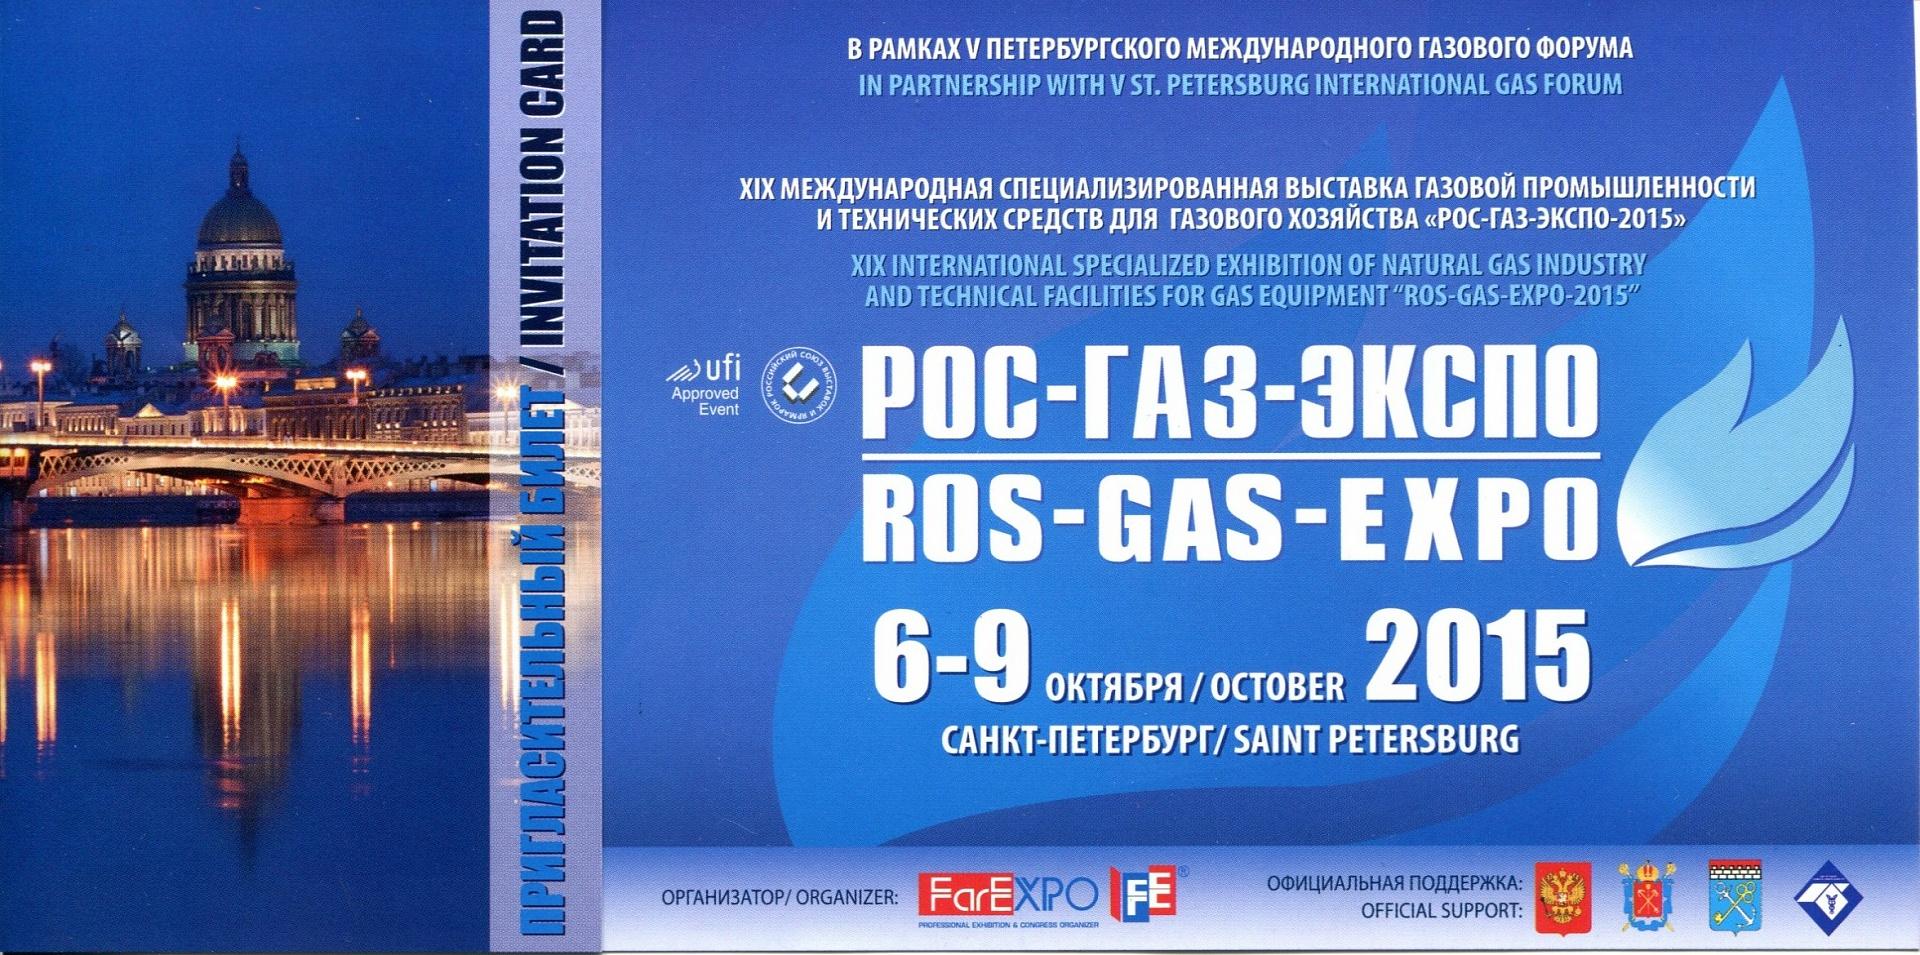 Приглашаем посетить стенд компании ЭКС-ФОРМА на выставке Рос-Газ-Экспо 2016